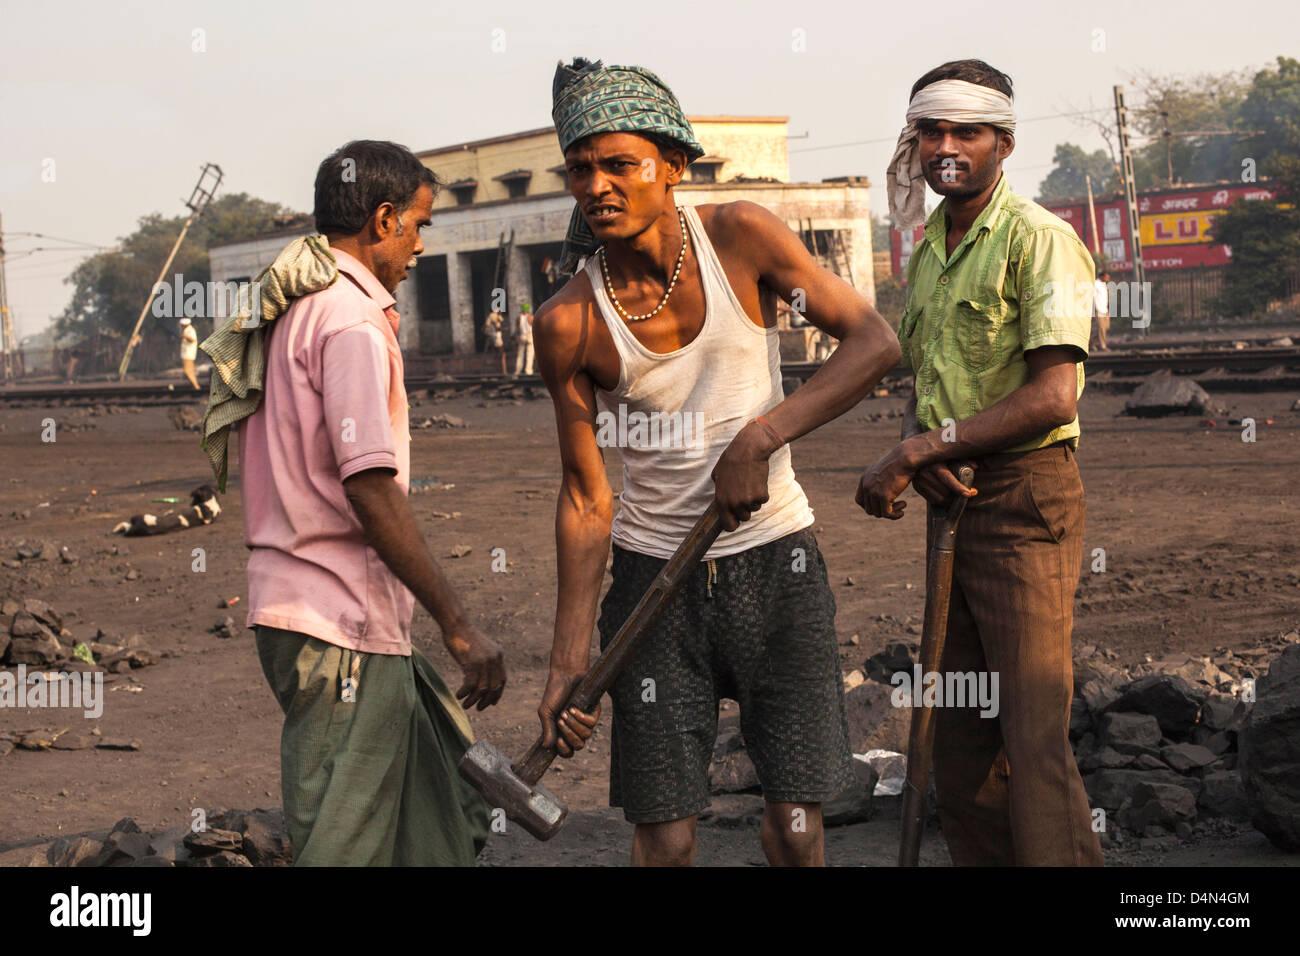 Railway workers, uttar Pradesh, India - Stock Image